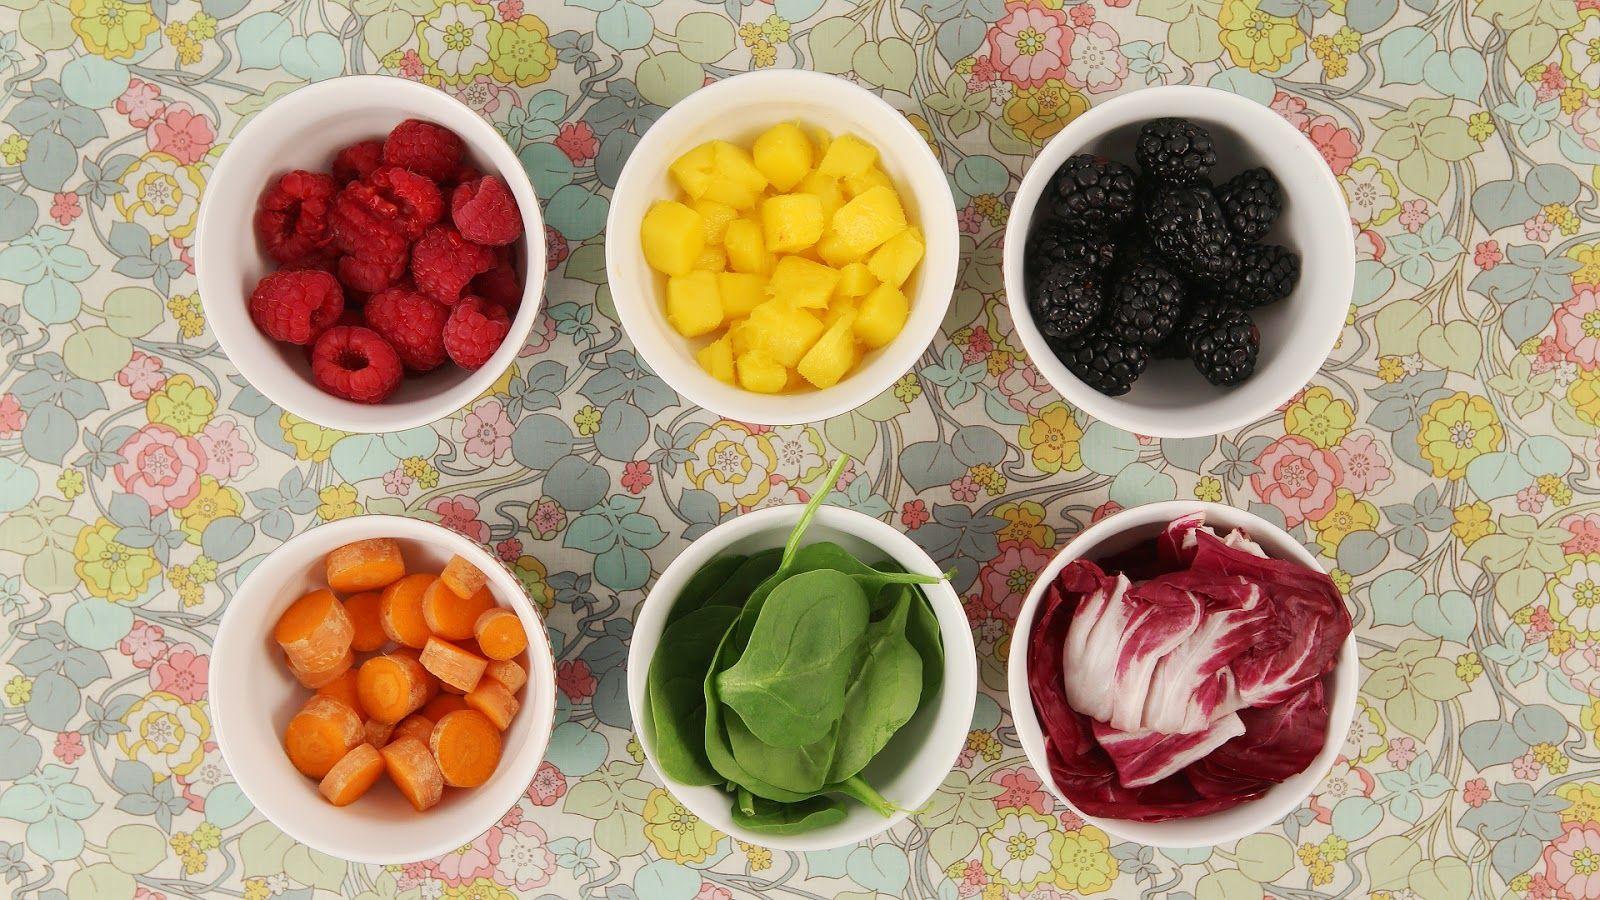 Рецепт натуральных красителей для мастики